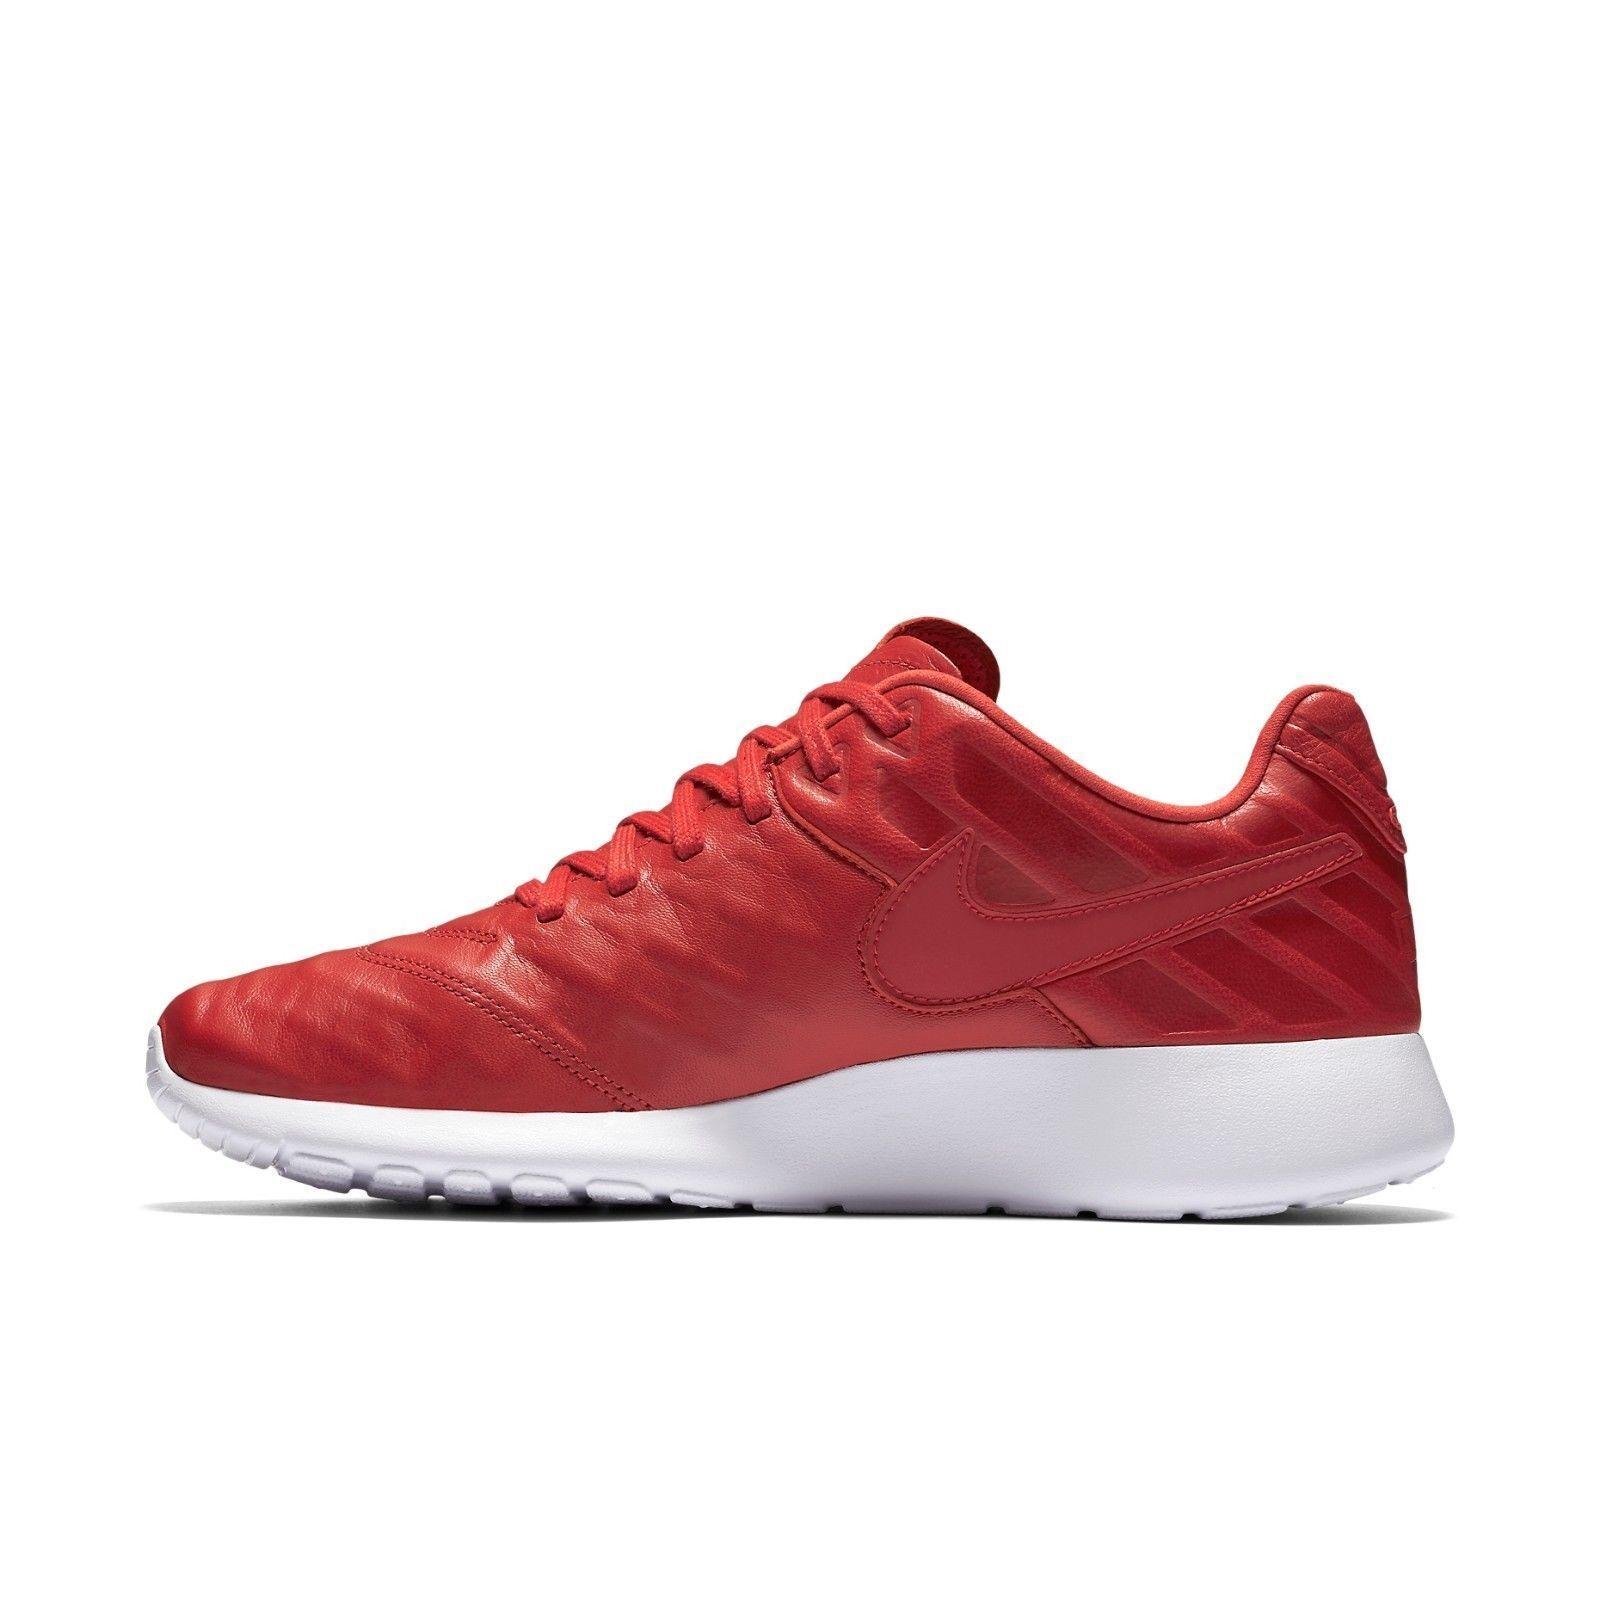 Nike Mens Roshe Tiempo VI QS University Red White 853535-667 Size 12 NEW